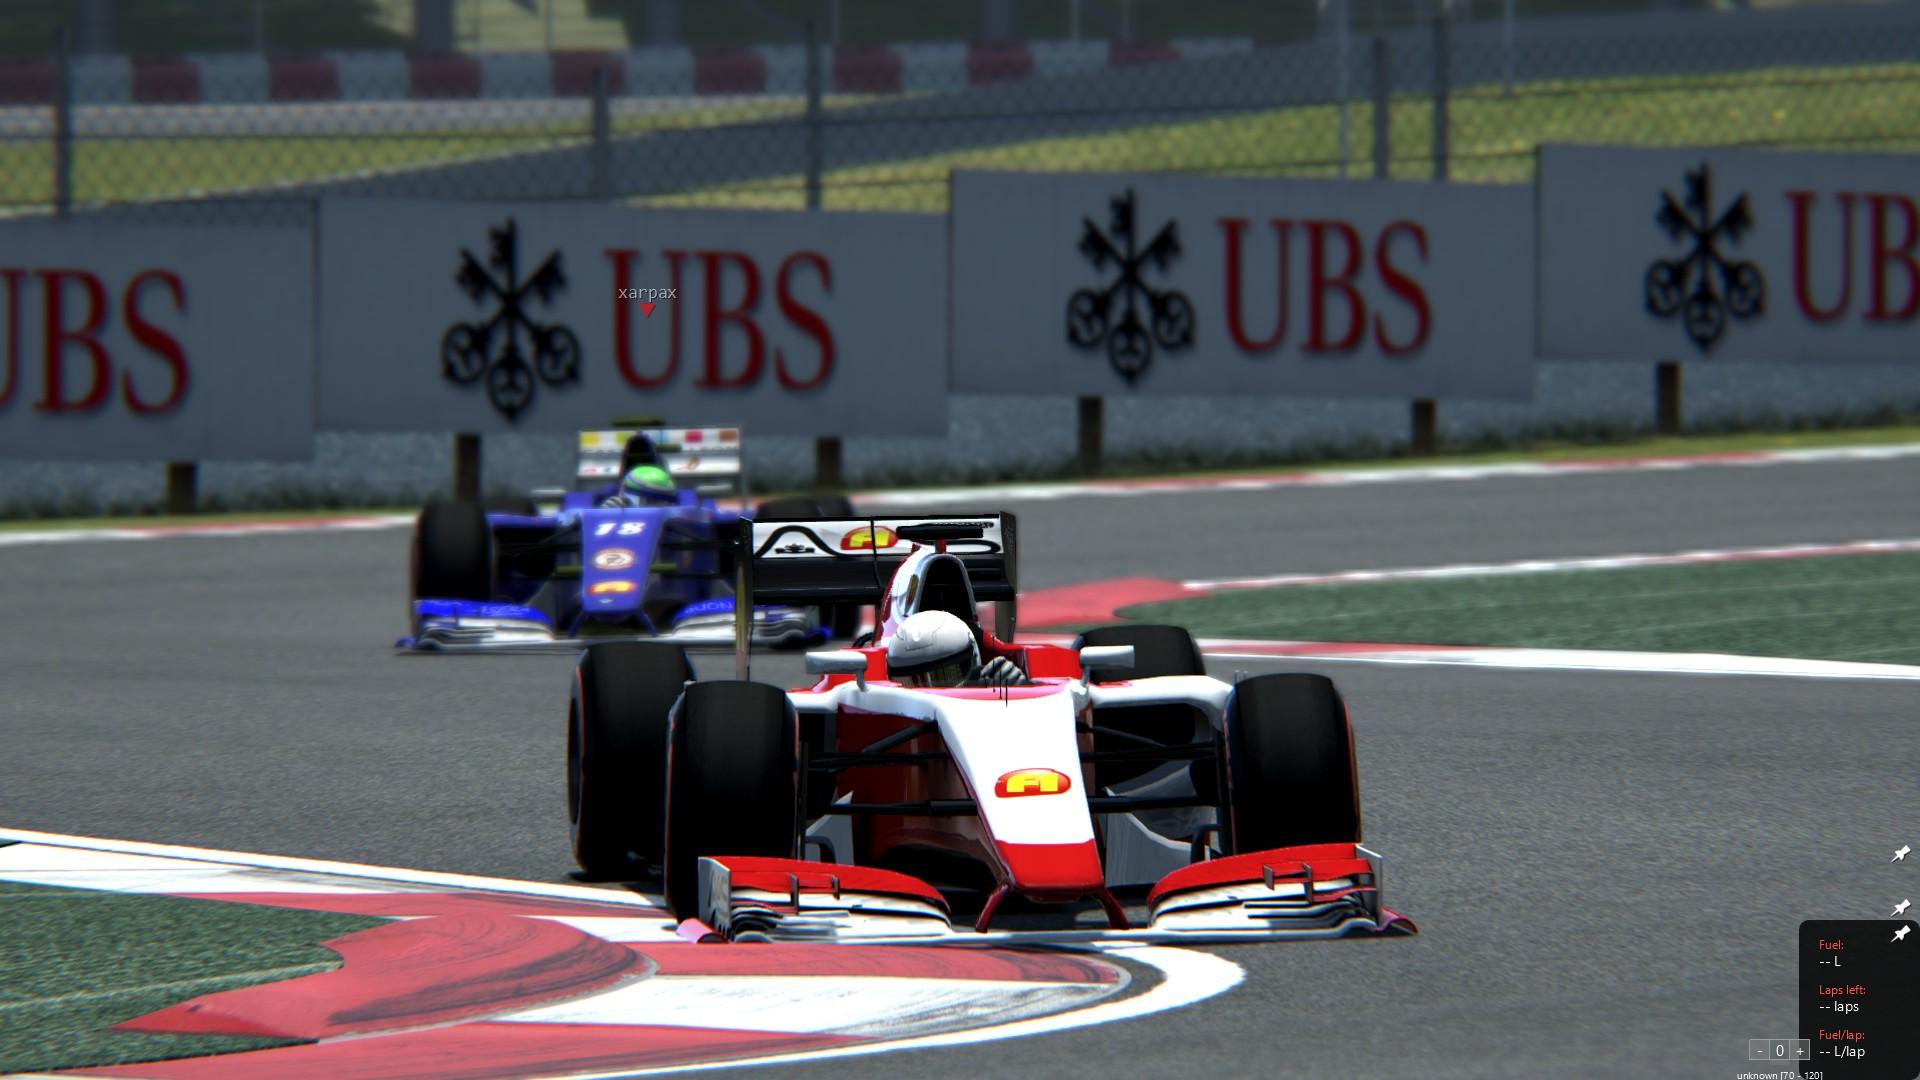 Gp de España F1 Paralela Assetto F1 Spain  200C7646F1CAEC9DAFC55D44A6B5B3D62C4FBA20